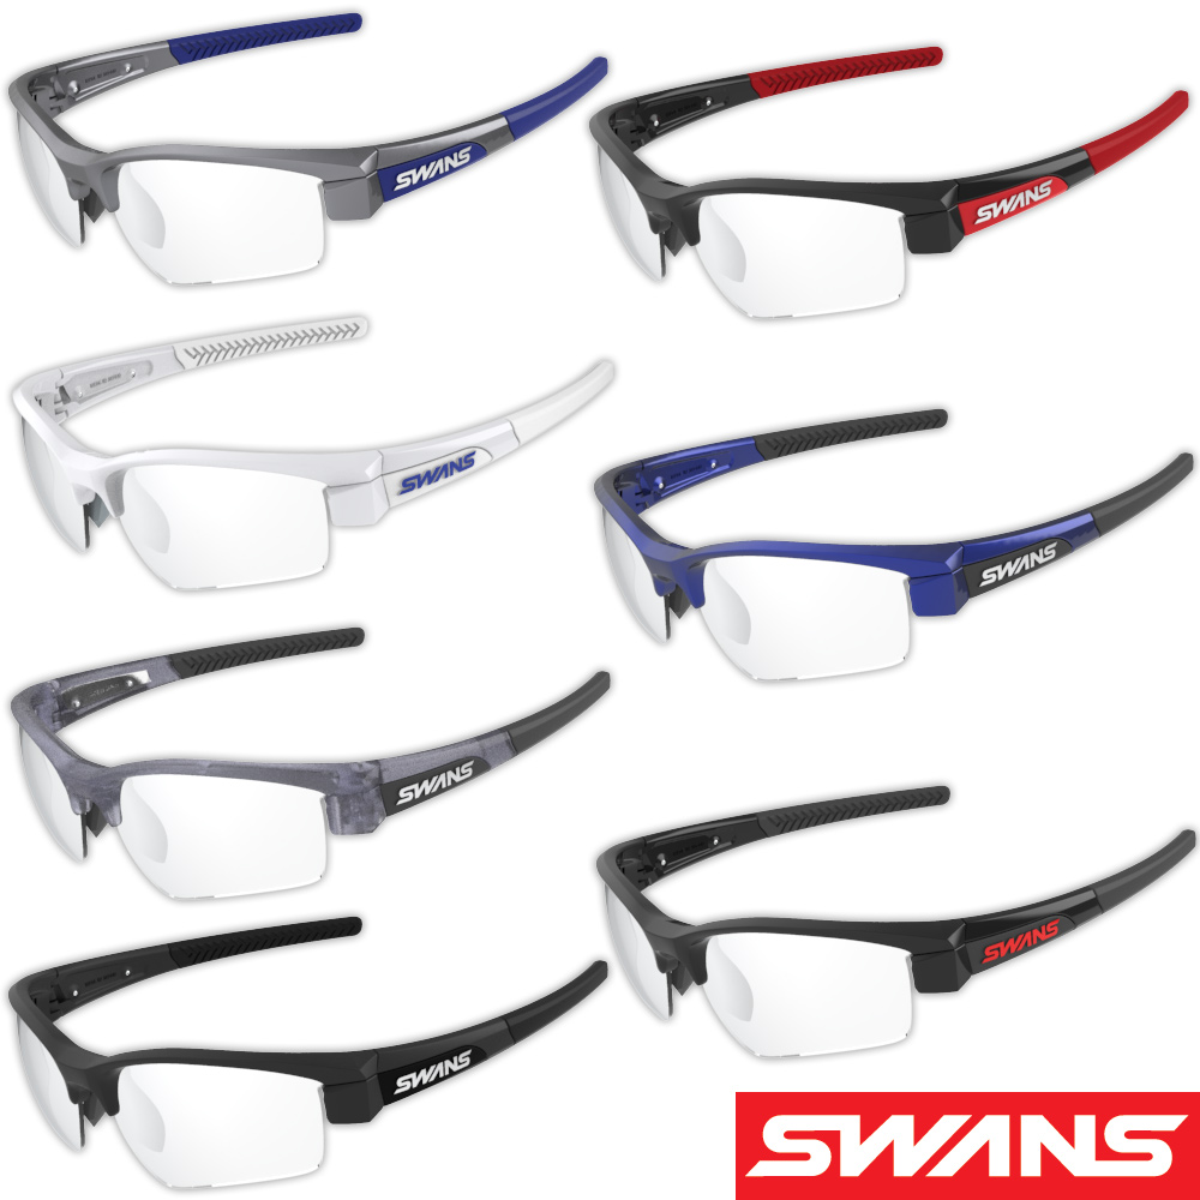 サングラス ミラーレンズ シルバーミラー×クリア 透明 スポーツ メンズ レディース LION SIN フレーム+L-LI SIN-0712 CL/SL おすすめ 人気 SWANS スワンズ